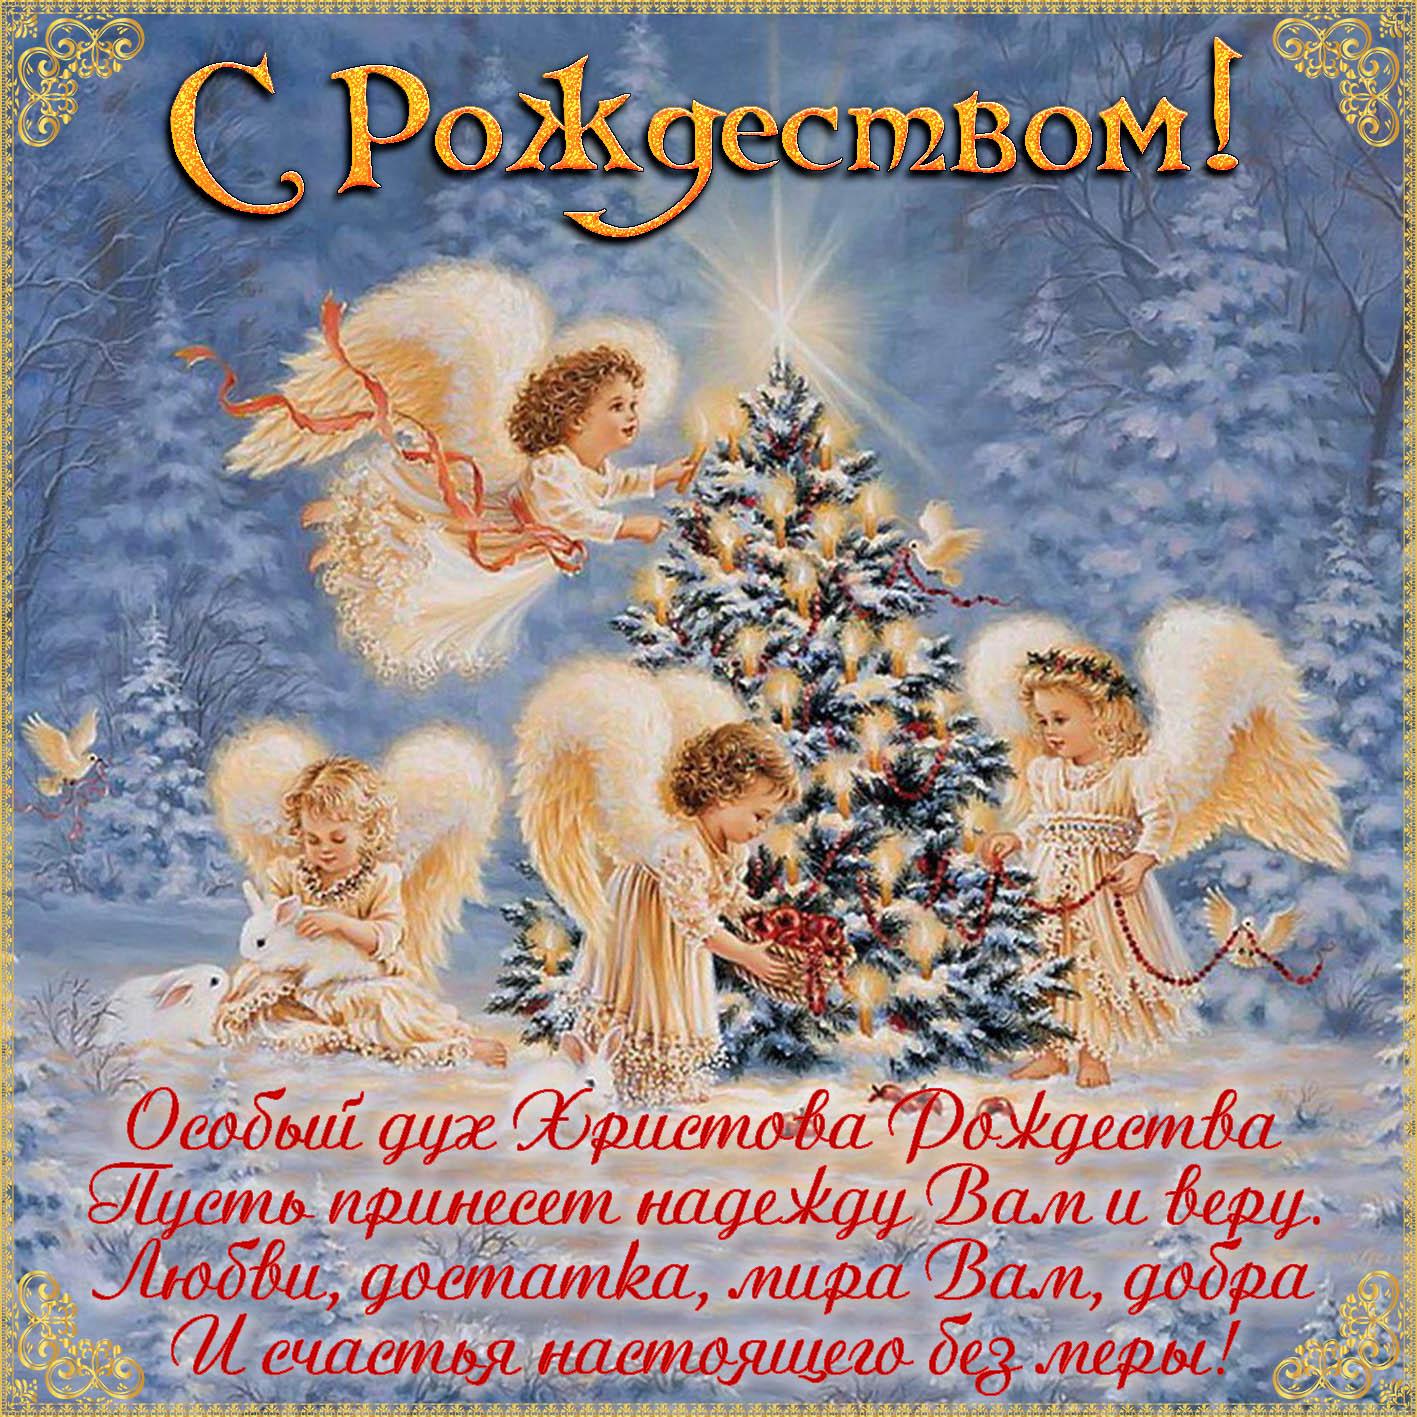 https://bonnycards.ru/images/rozhdestvo/rozhdestvo0023.jpg